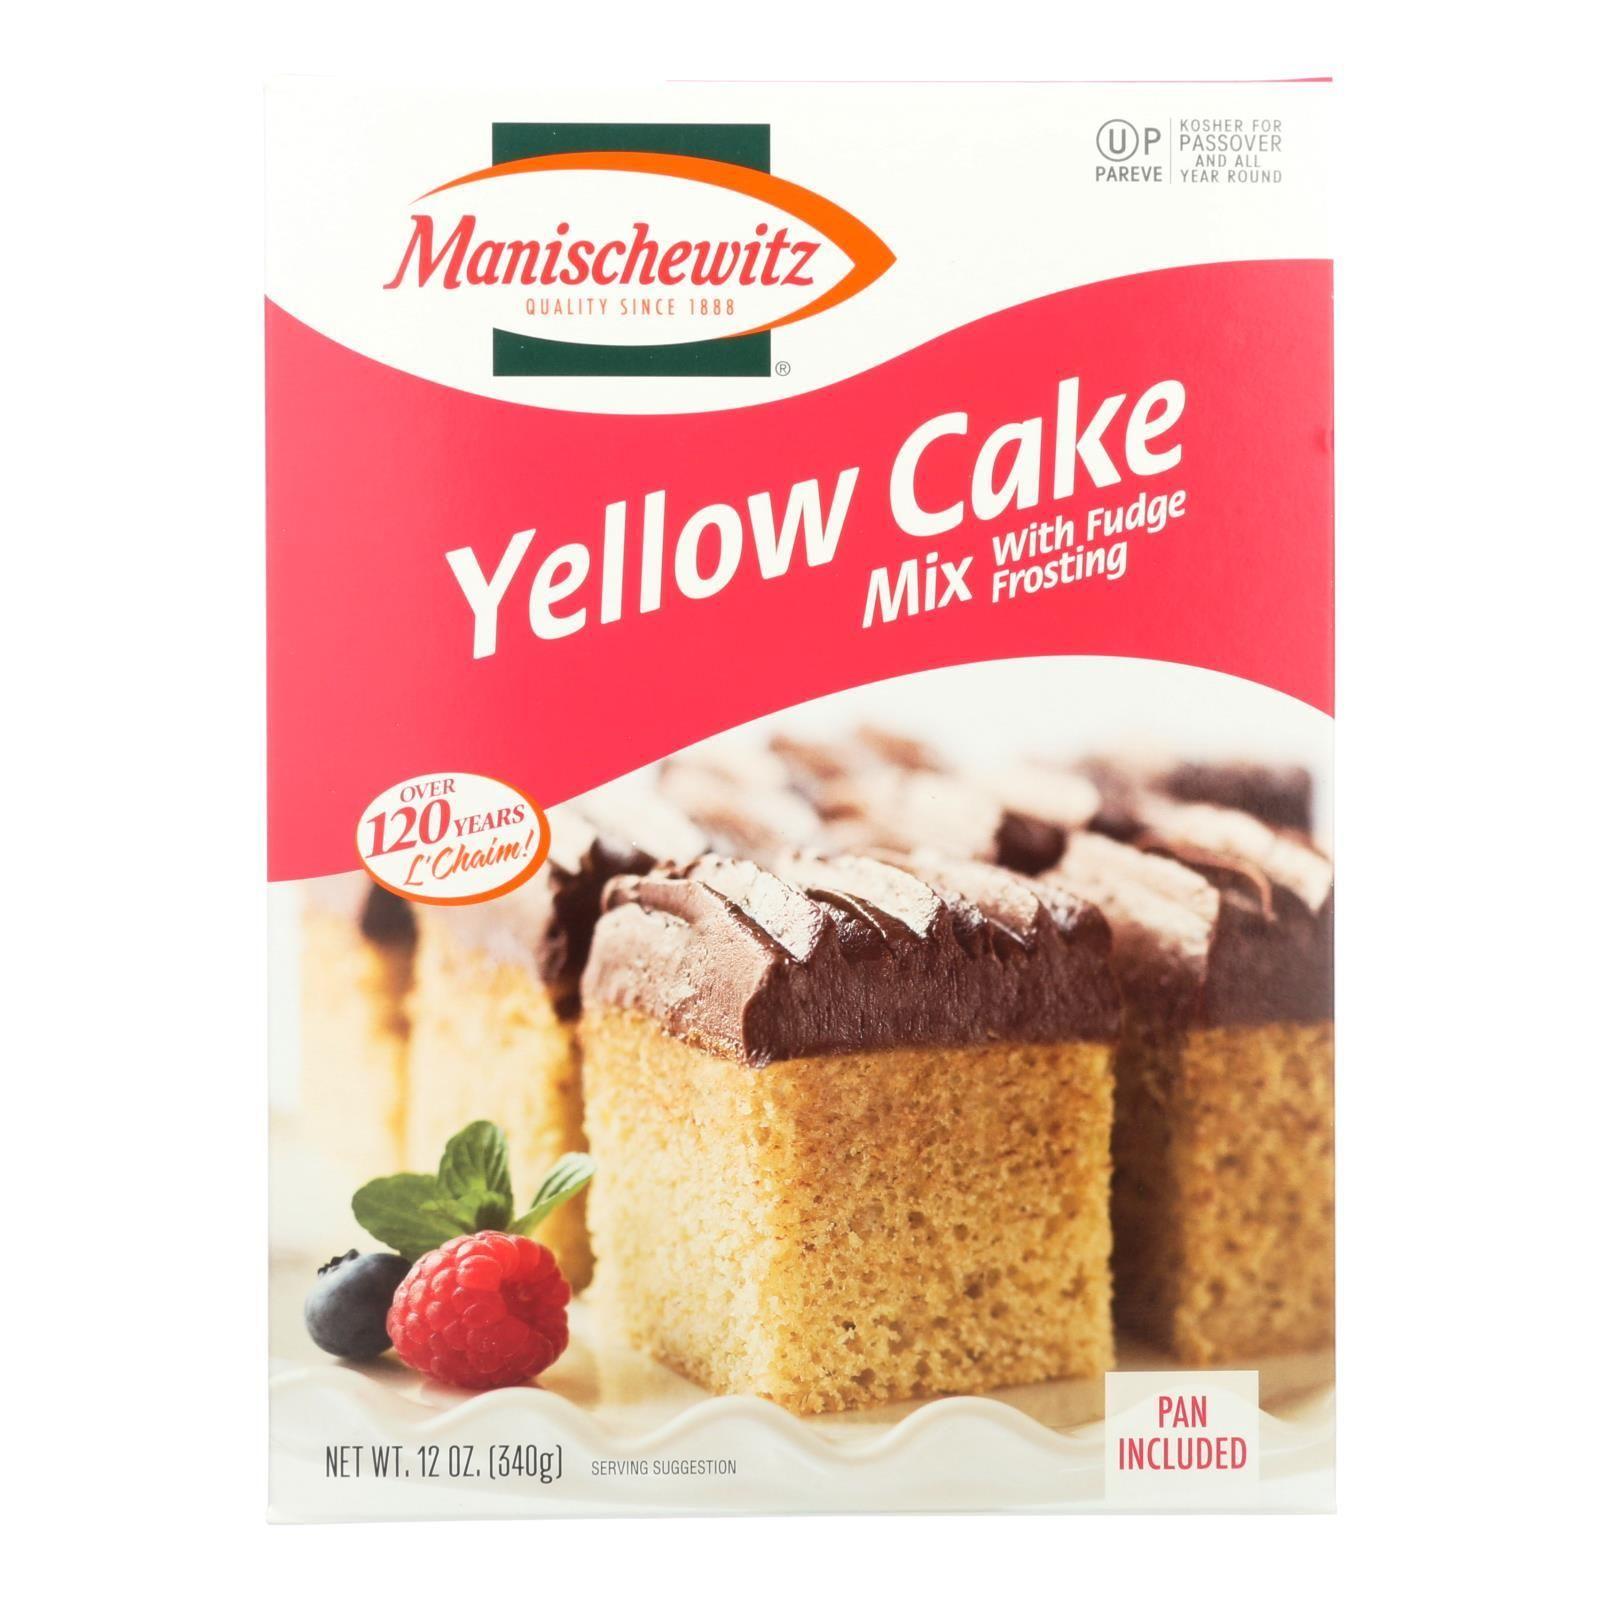 Manischewitz mix cake yellow kosher for passover case